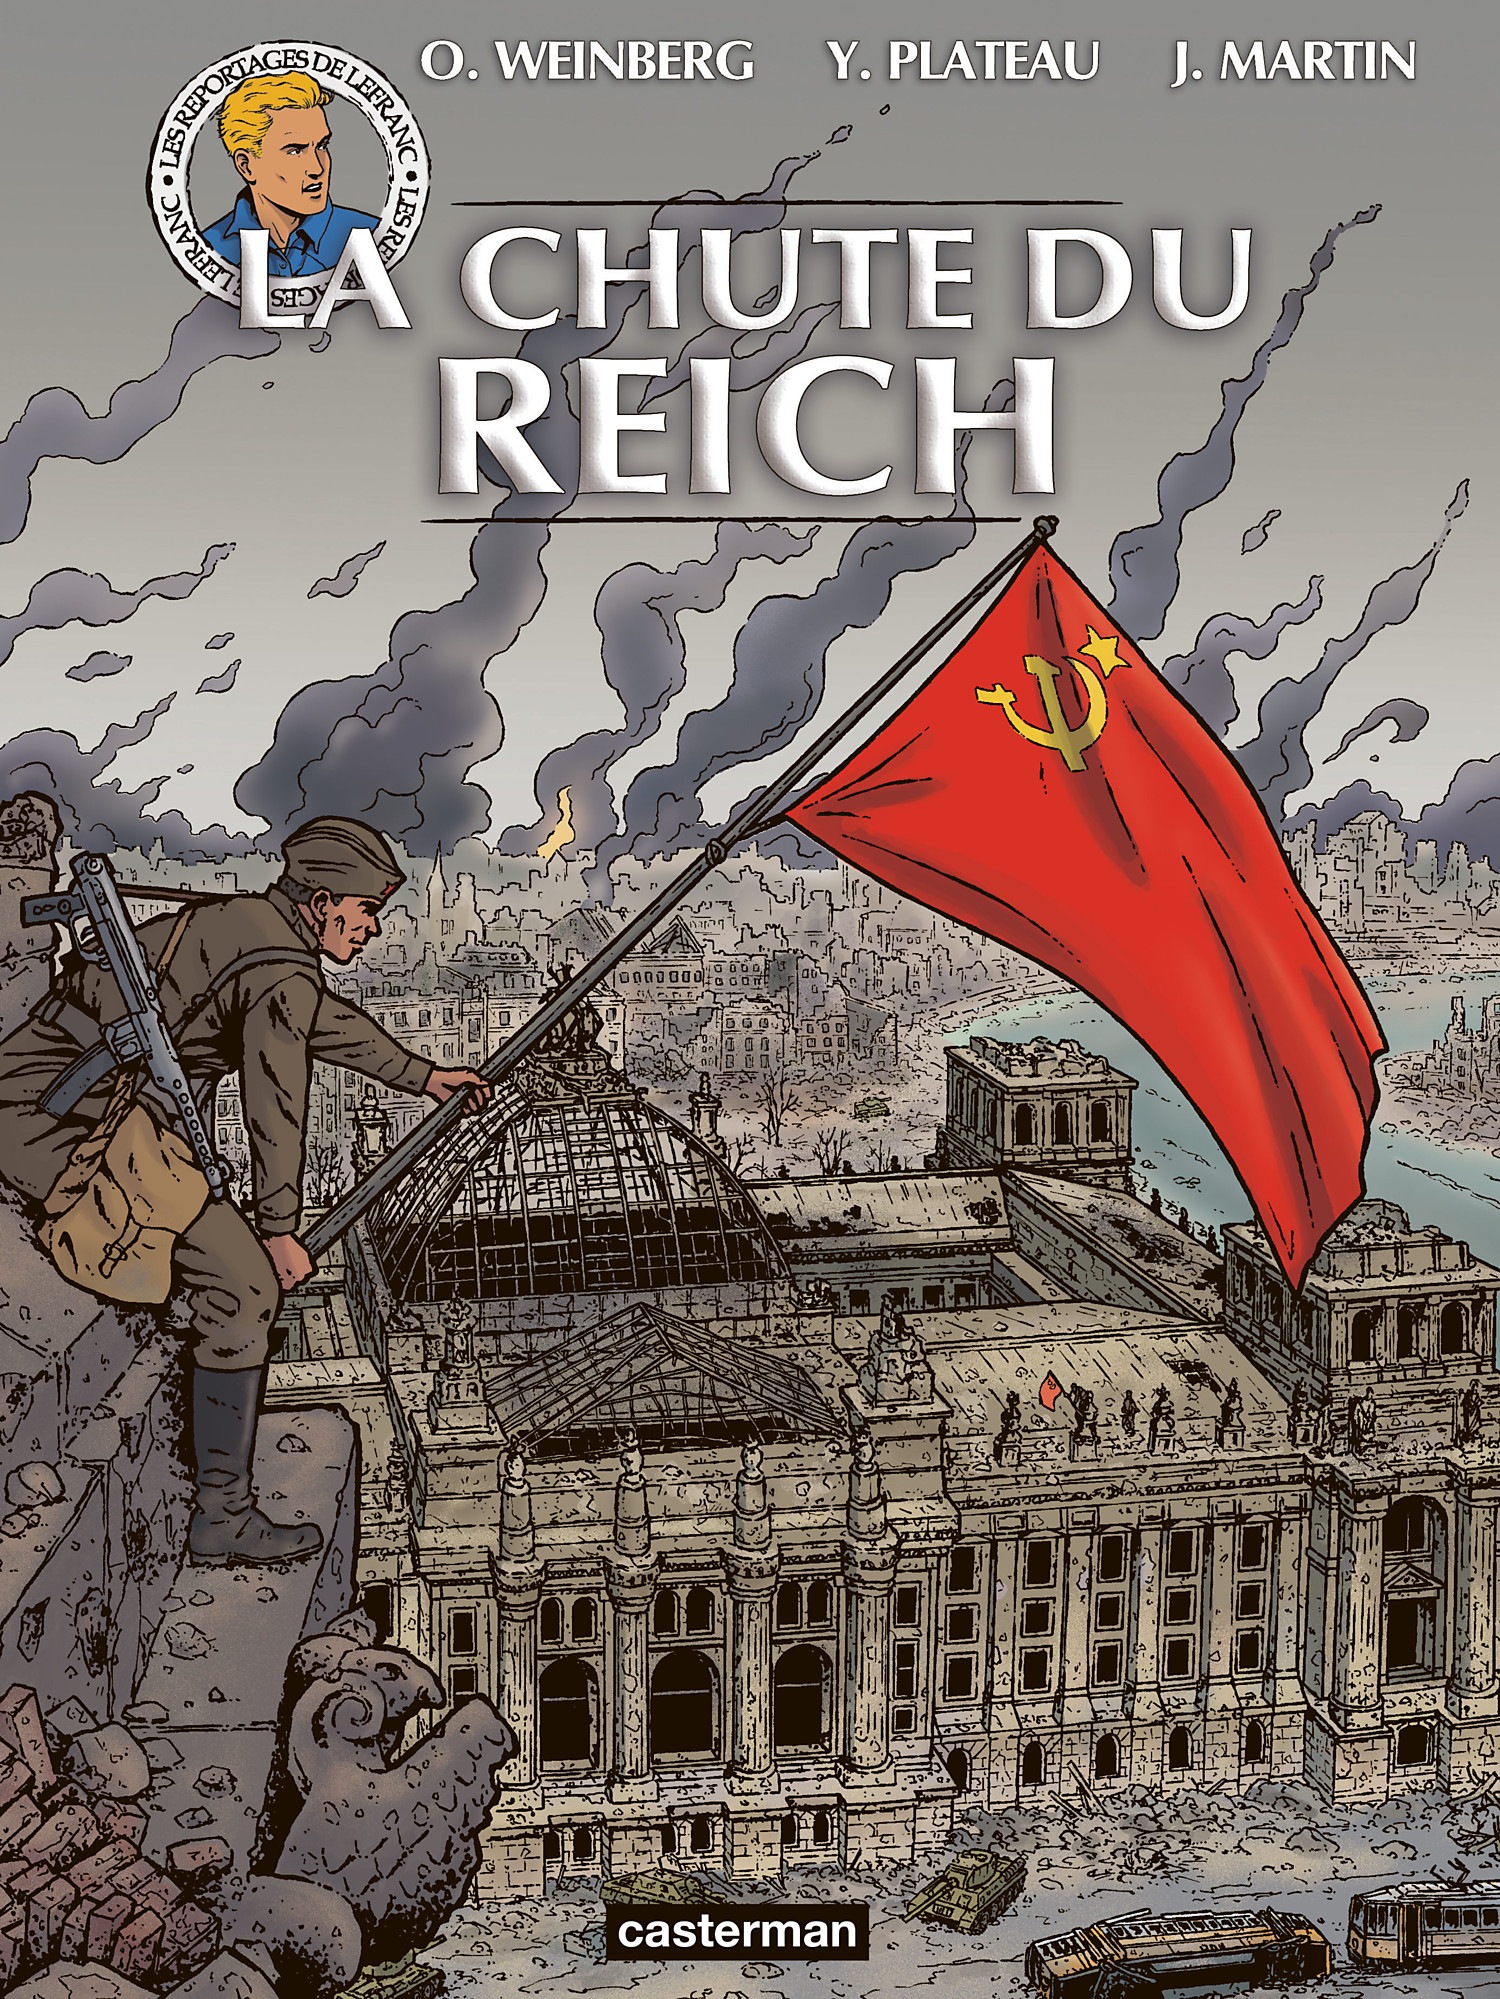 Les reportages de Lefranc - La chute du Reich - Martin Plateau Weinberg Bournier - Casterman - Couverture